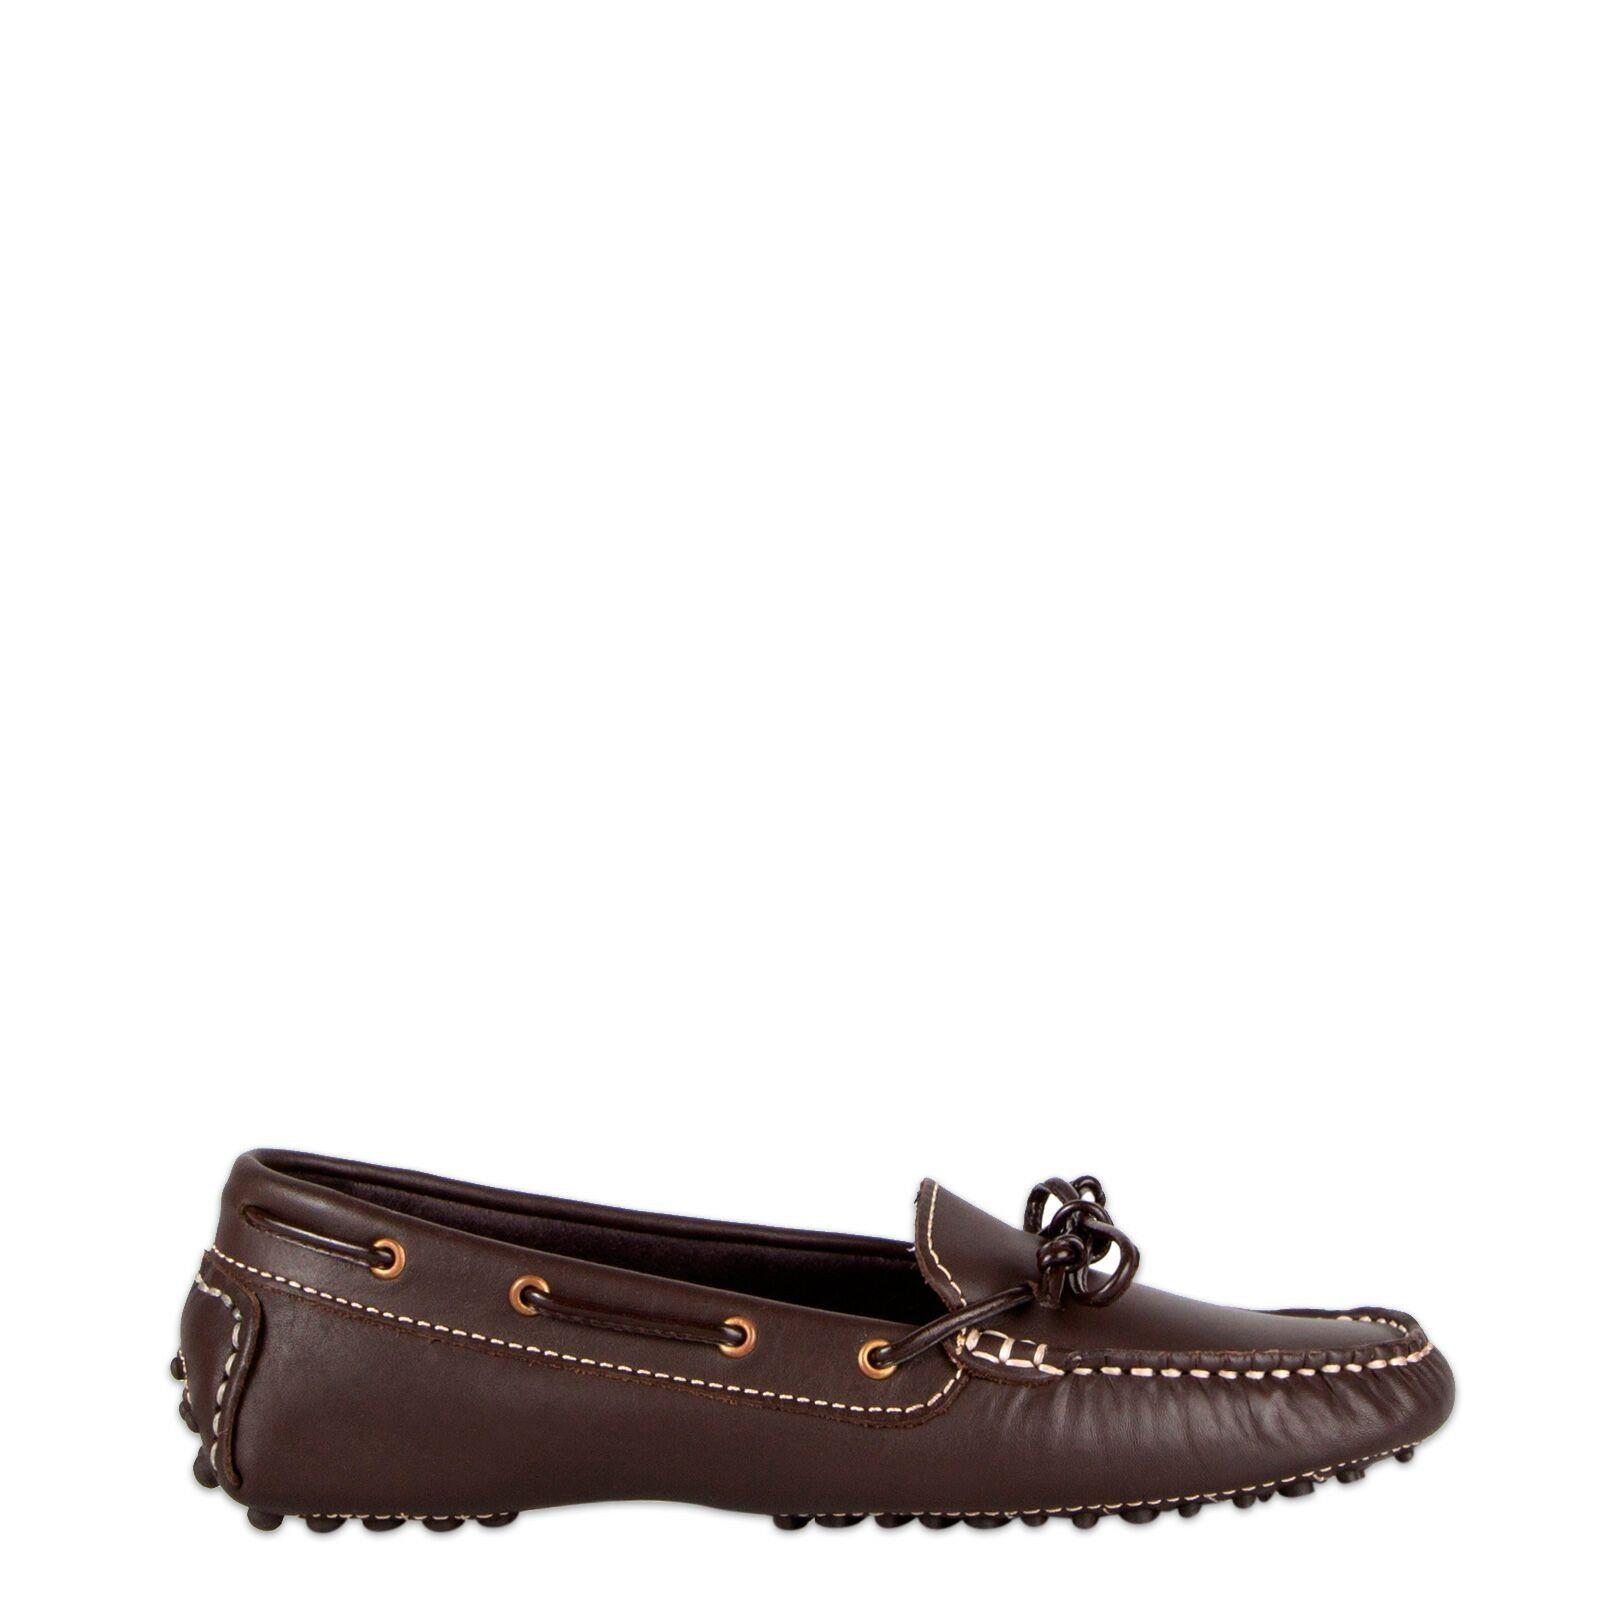 cda1093f Purificacion Garcia MOCASIN MUJER 125,00 € | zapatos | Zapatos ...